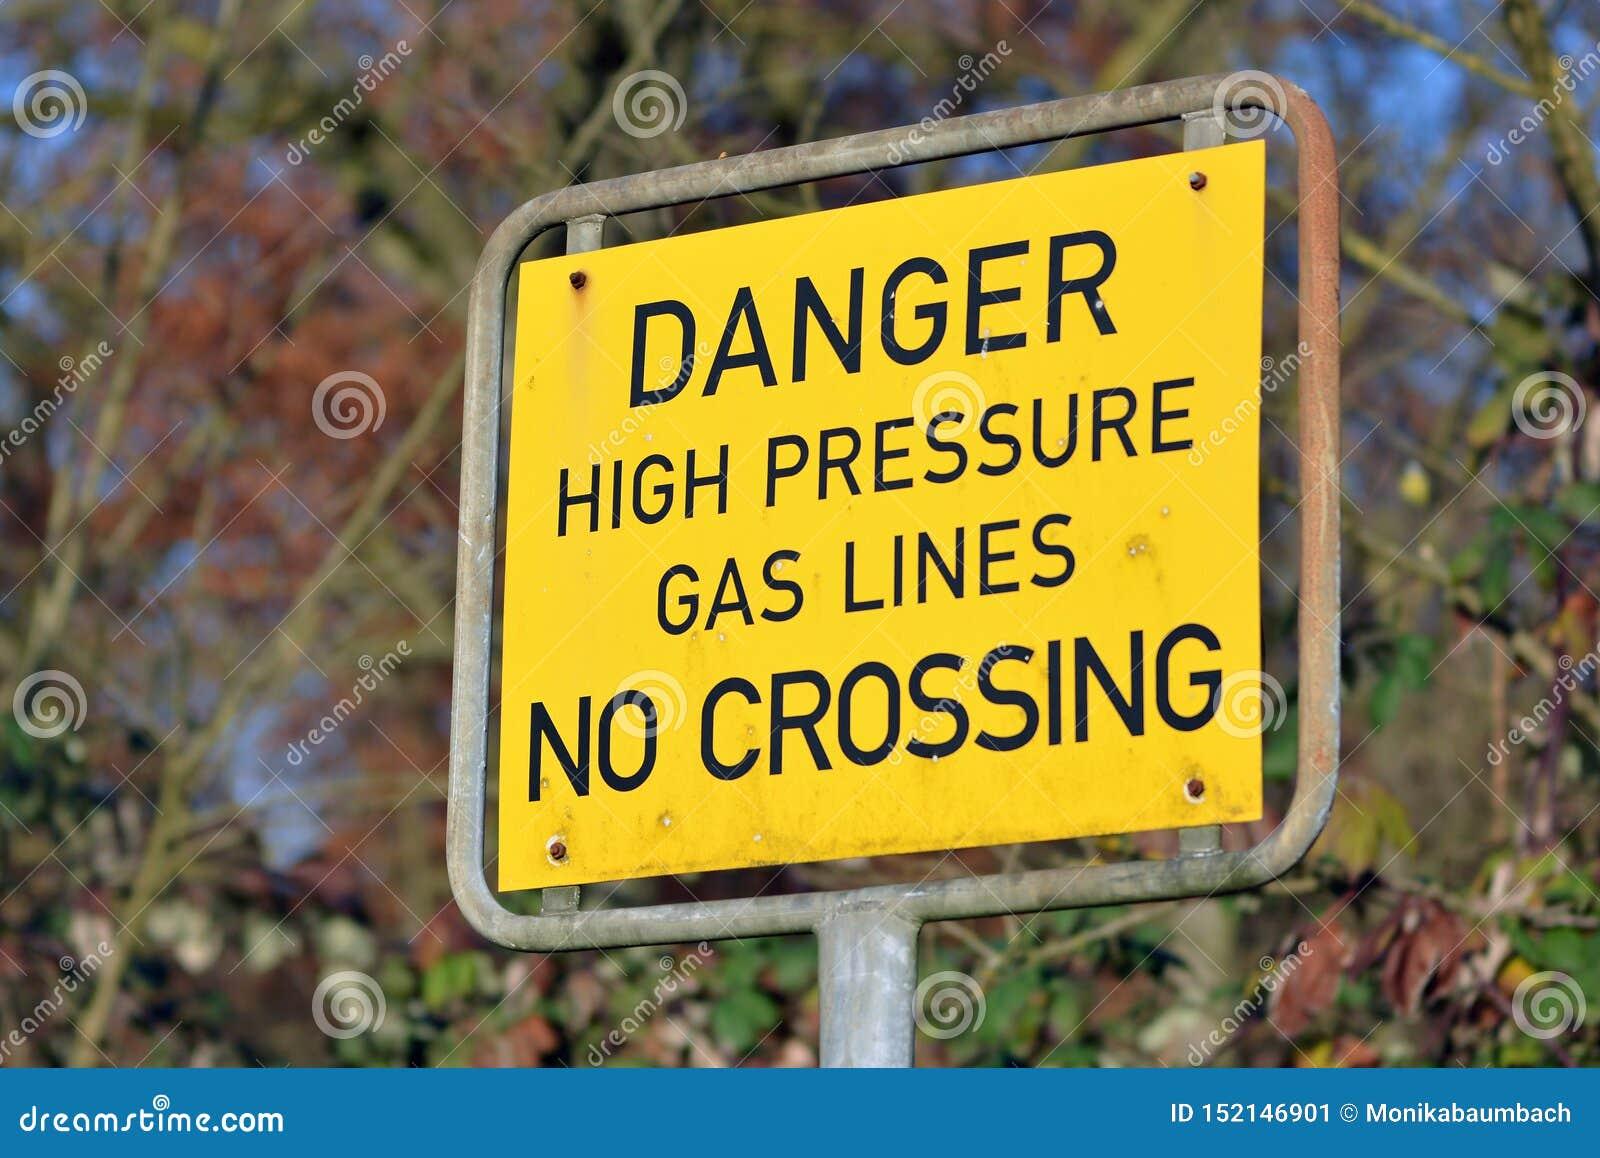 Sluit omhoog van een geel openluchtwaarschuwingsbord zeggend dager hoge drukgasleiding geen kruising